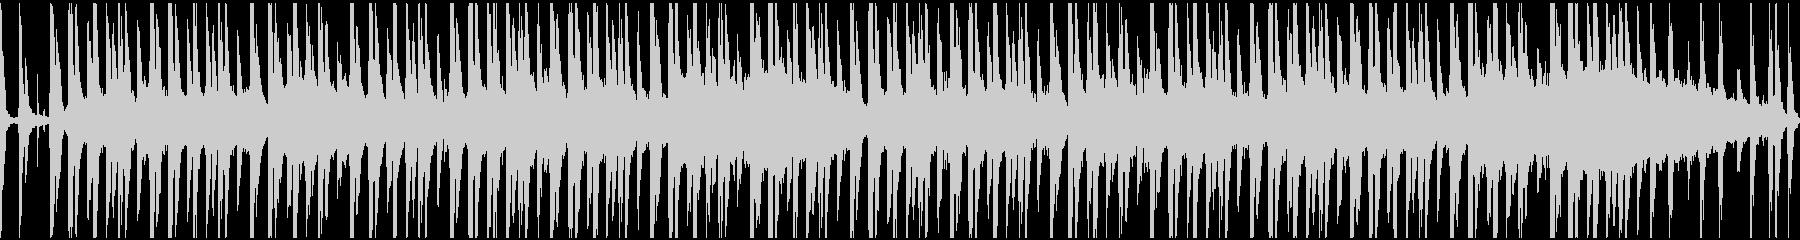 気怠いダブ系サウンドのループの未再生の波形